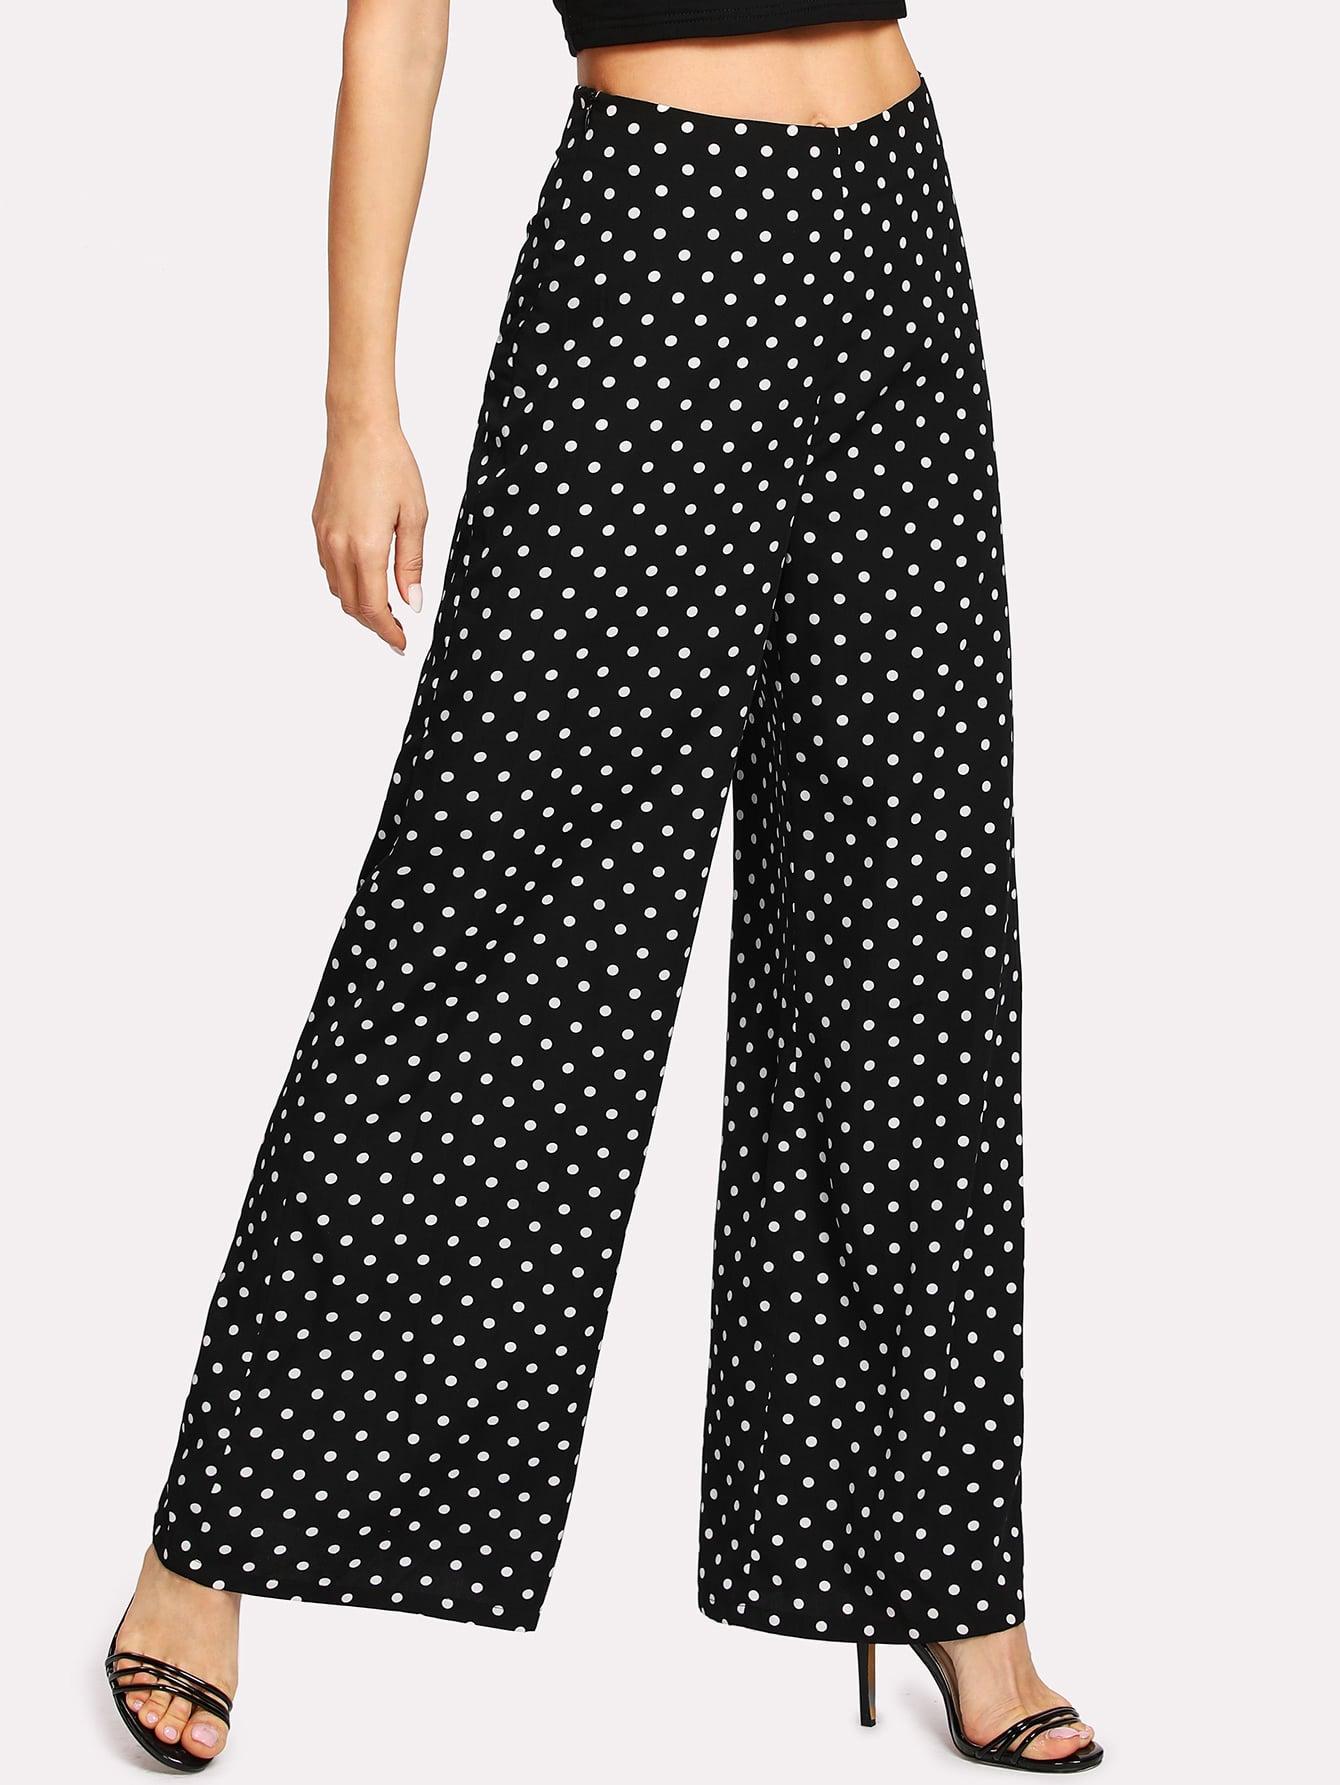 Купить Модные широкие брюки в горошек, Natalib, SheIn